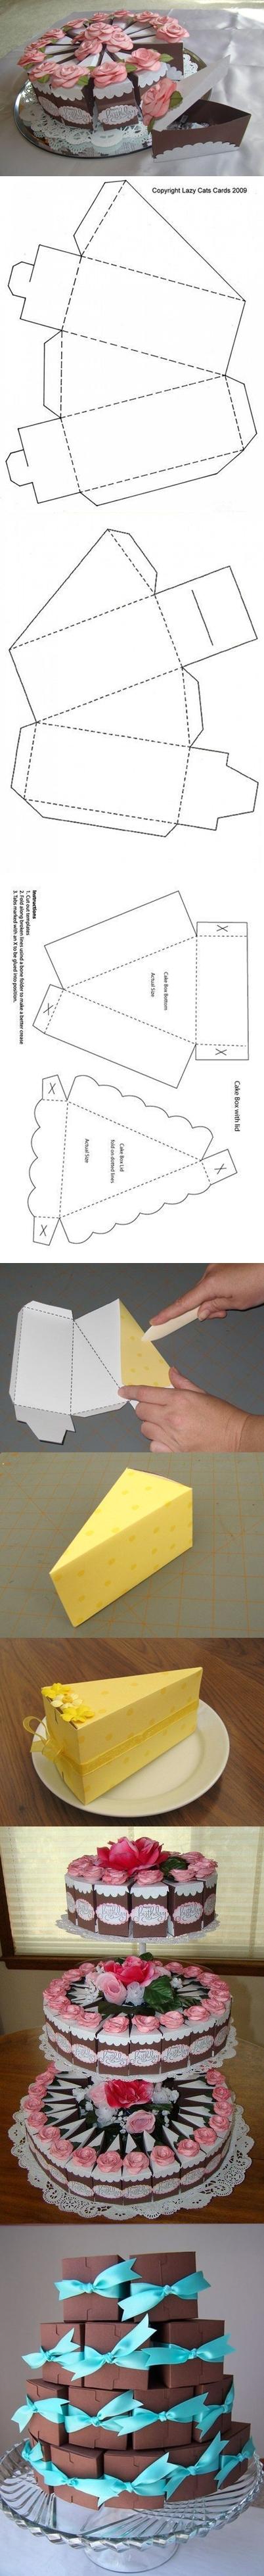 cake gift box tutorial